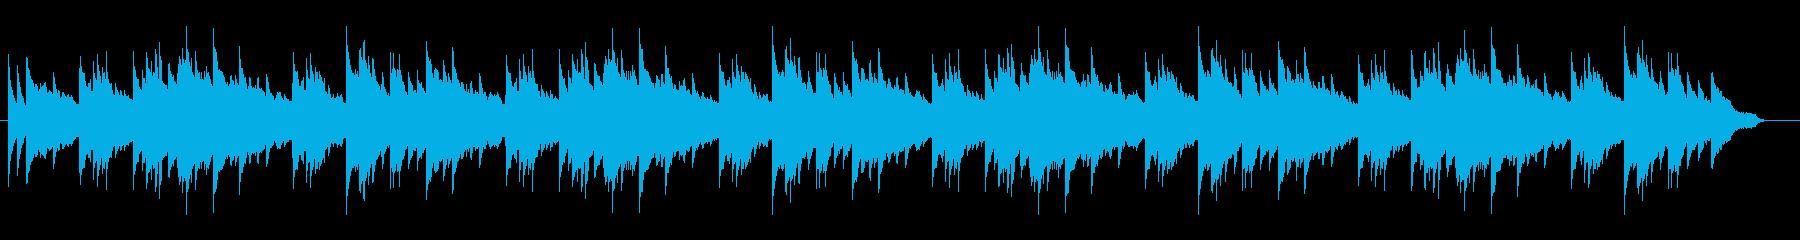 少し憂いのある優しいピアノ曲(3拍子)の再生済みの波形